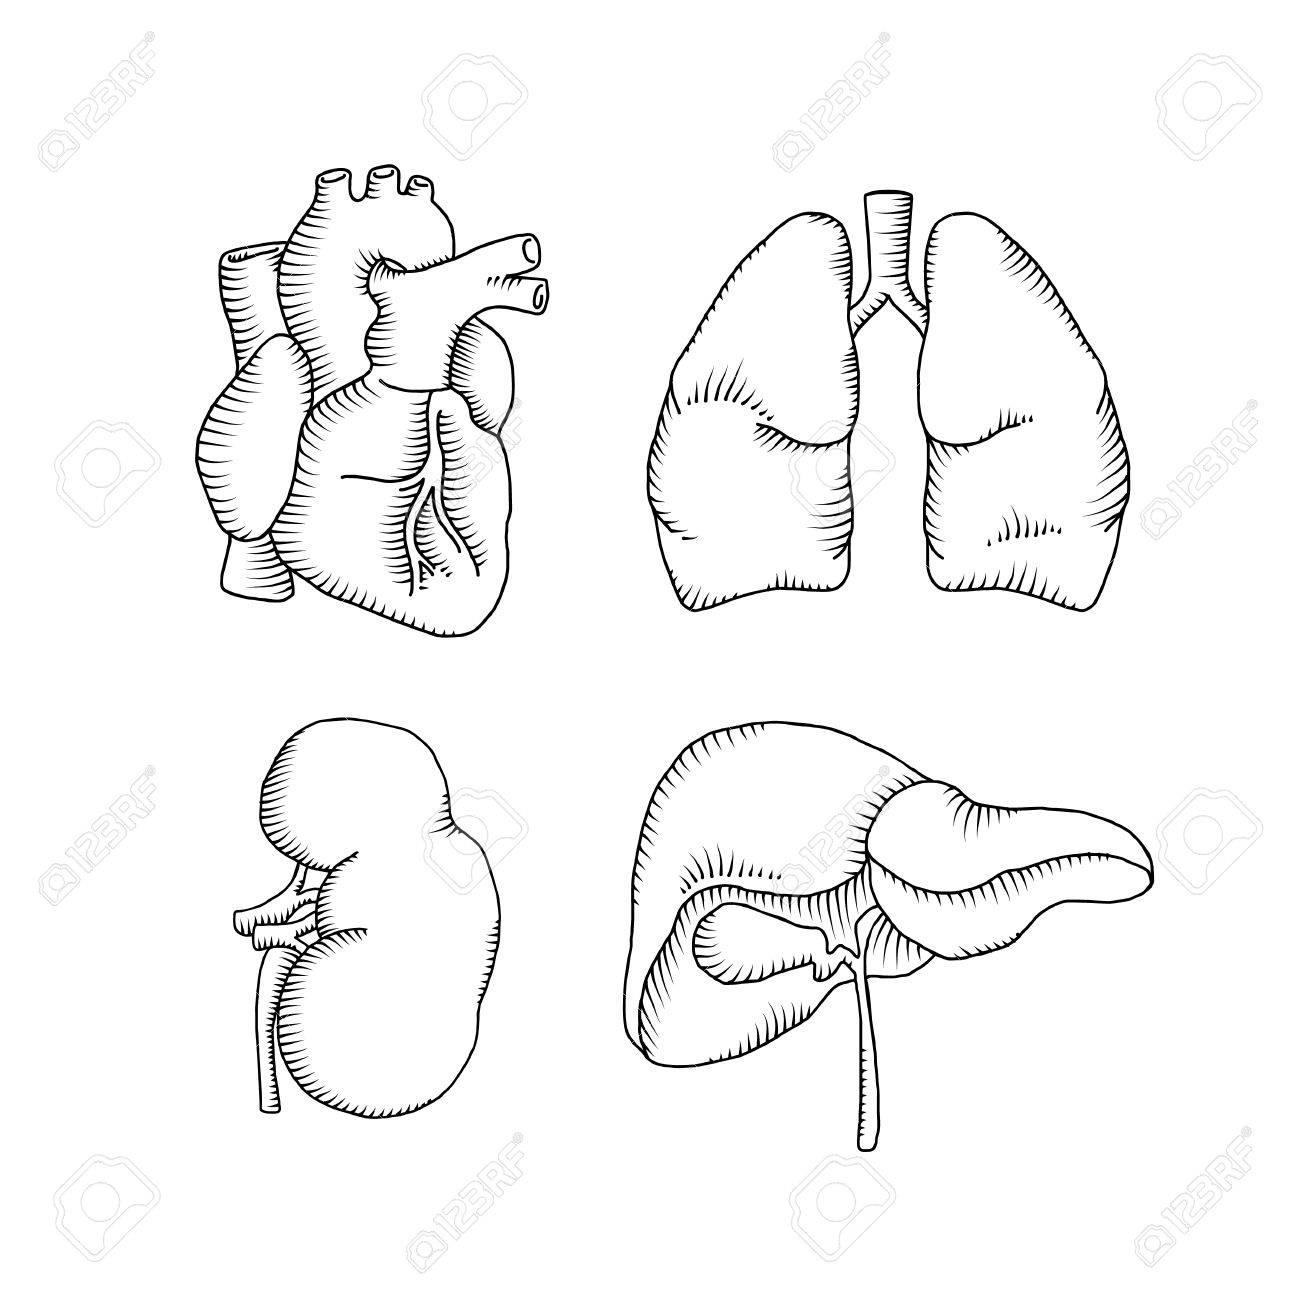 Kidneys Drawing At Getdrawings